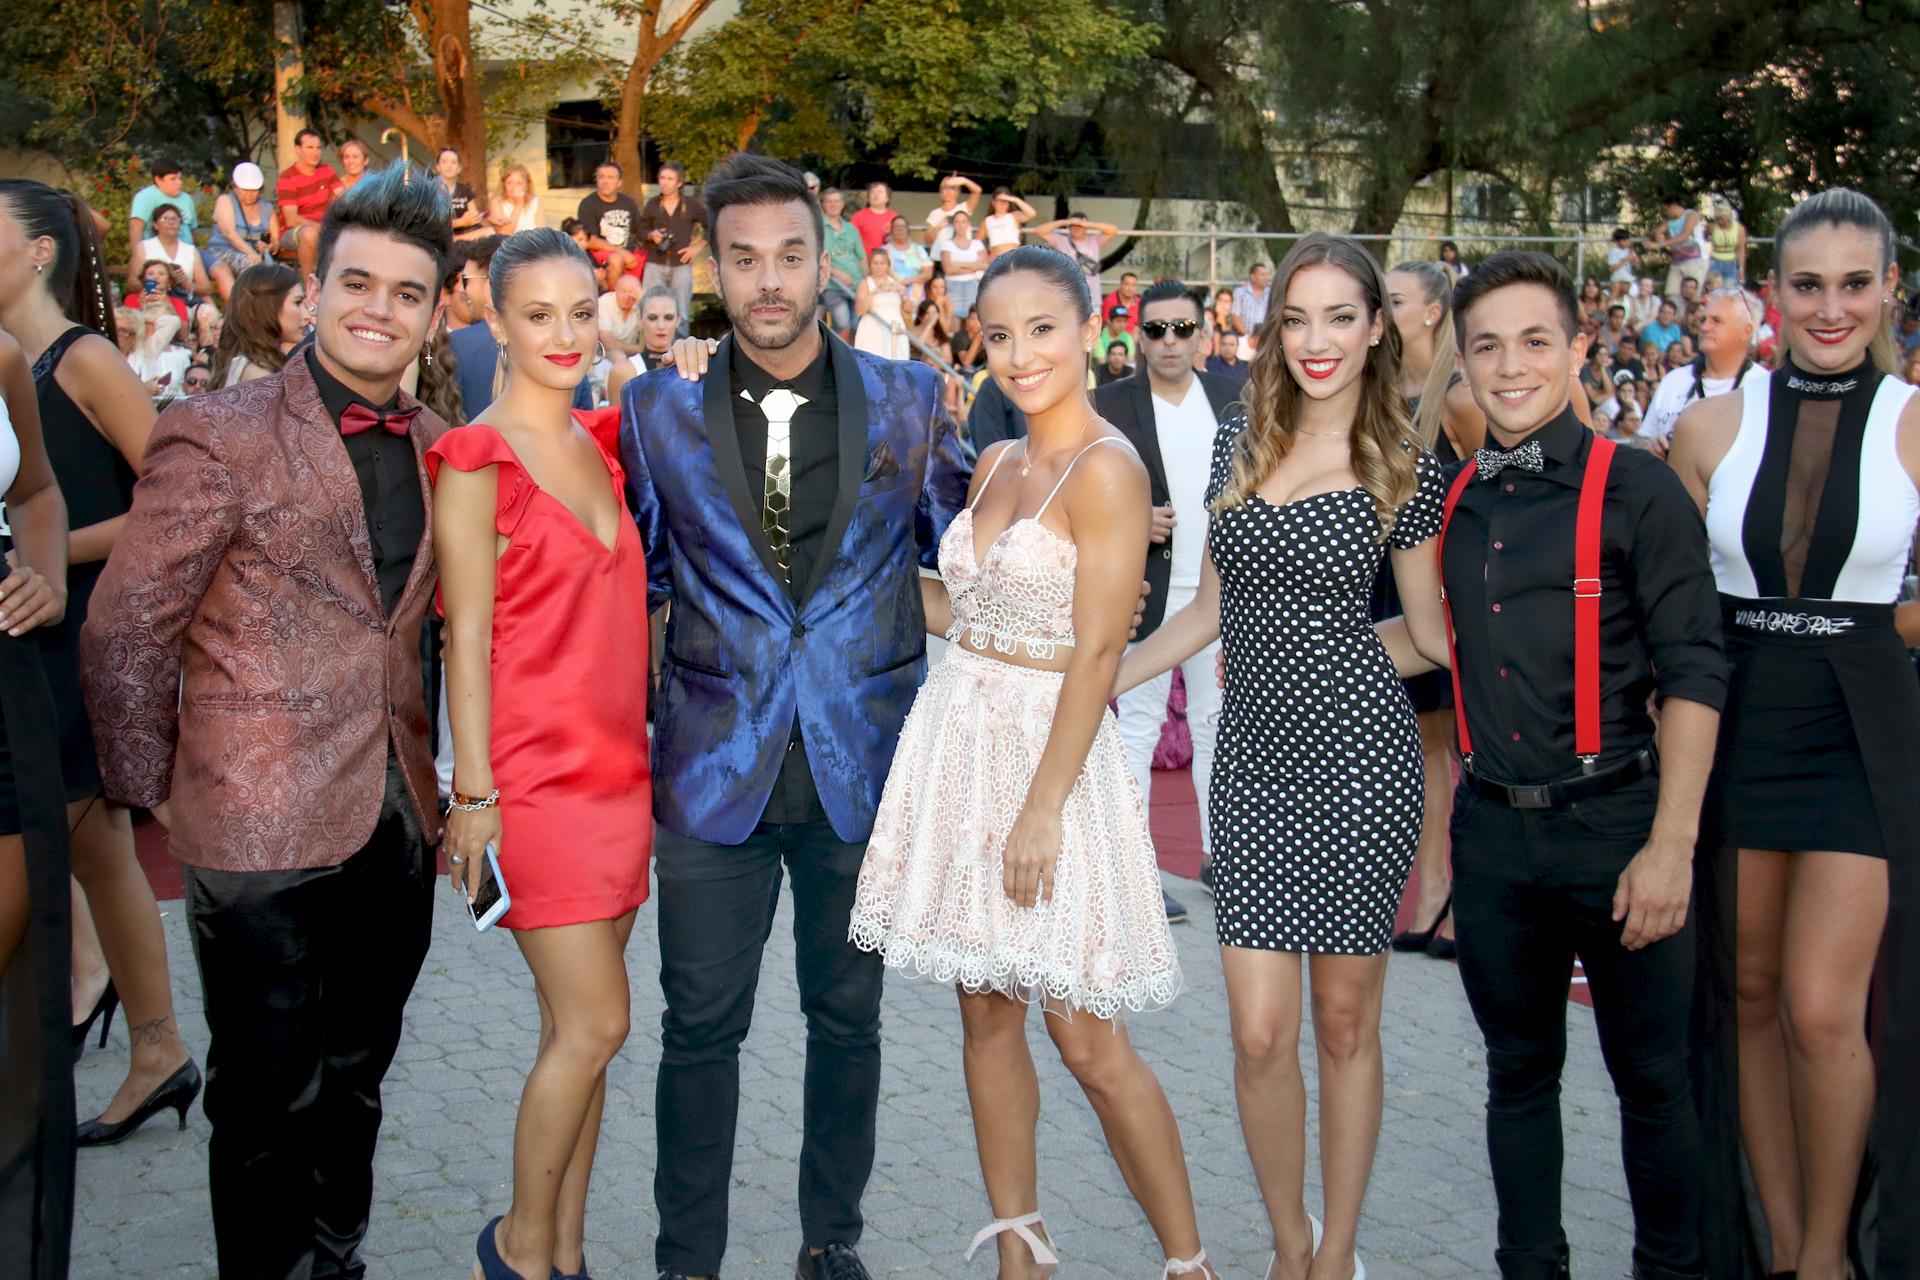 Lourdes Sánchez y sus compañeros de El universo de Lourdes